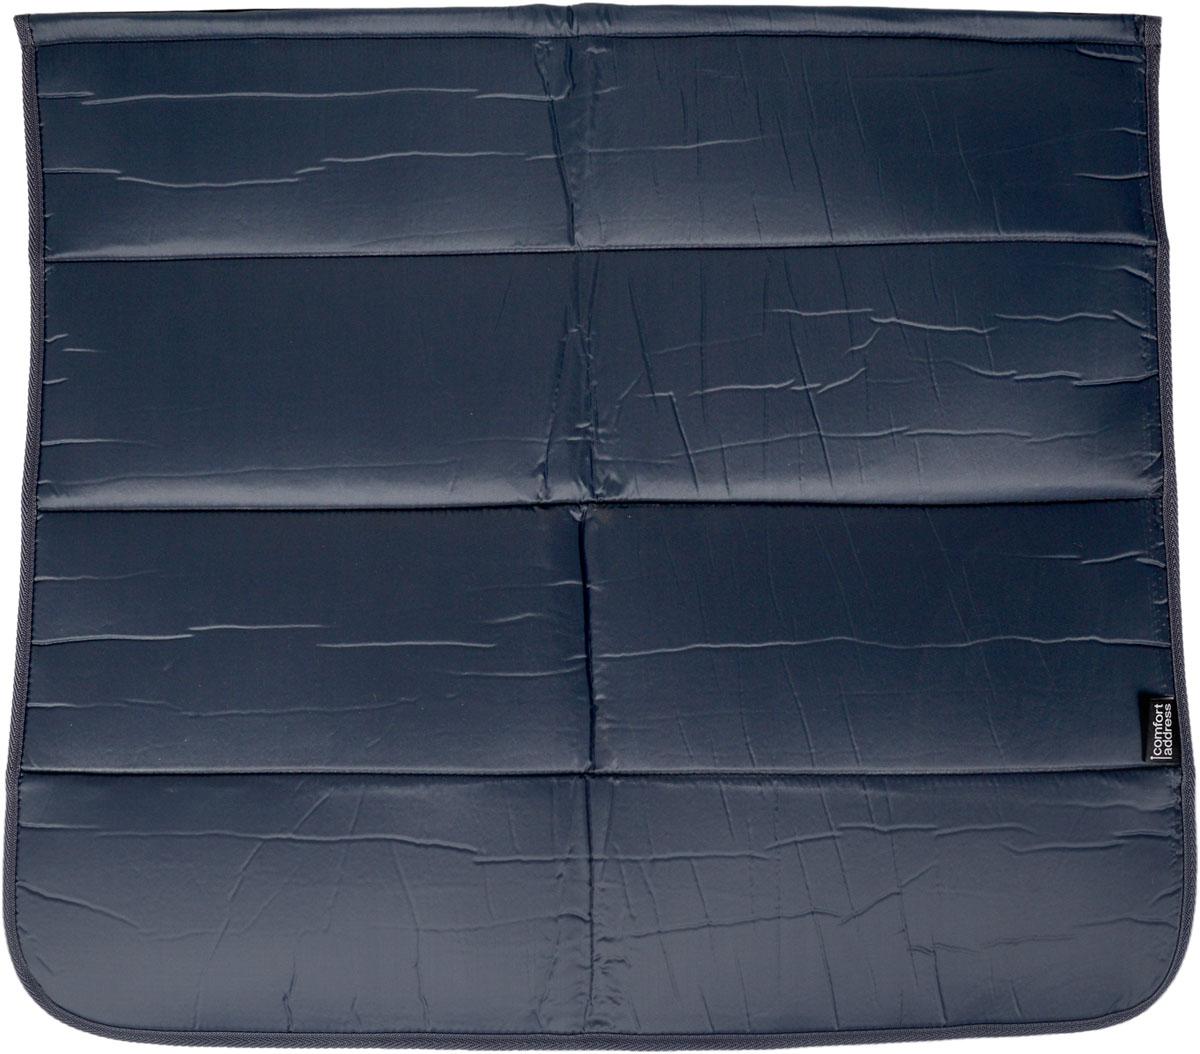 Накидка на бампер Comfort Adress, цвет: серый, 75 х 65 смdaf007_серыйНакидка на бампер Comfort Adress предназначена длязащиты одежды от грязи при погрузке или выгрузке вещейиз багажника, при работе в моторном отсеке, во времядолива масла или незамерзающей жидкости. Такженакидку можно использовать при установке домкрата изамене колеса.- Универсальна и проста в установке.- Крепится при помощи липучки.- В сложенном виде занимает всего лишь 15 см. - Обладает водоотталкивающими свойствами, проста вчистке.